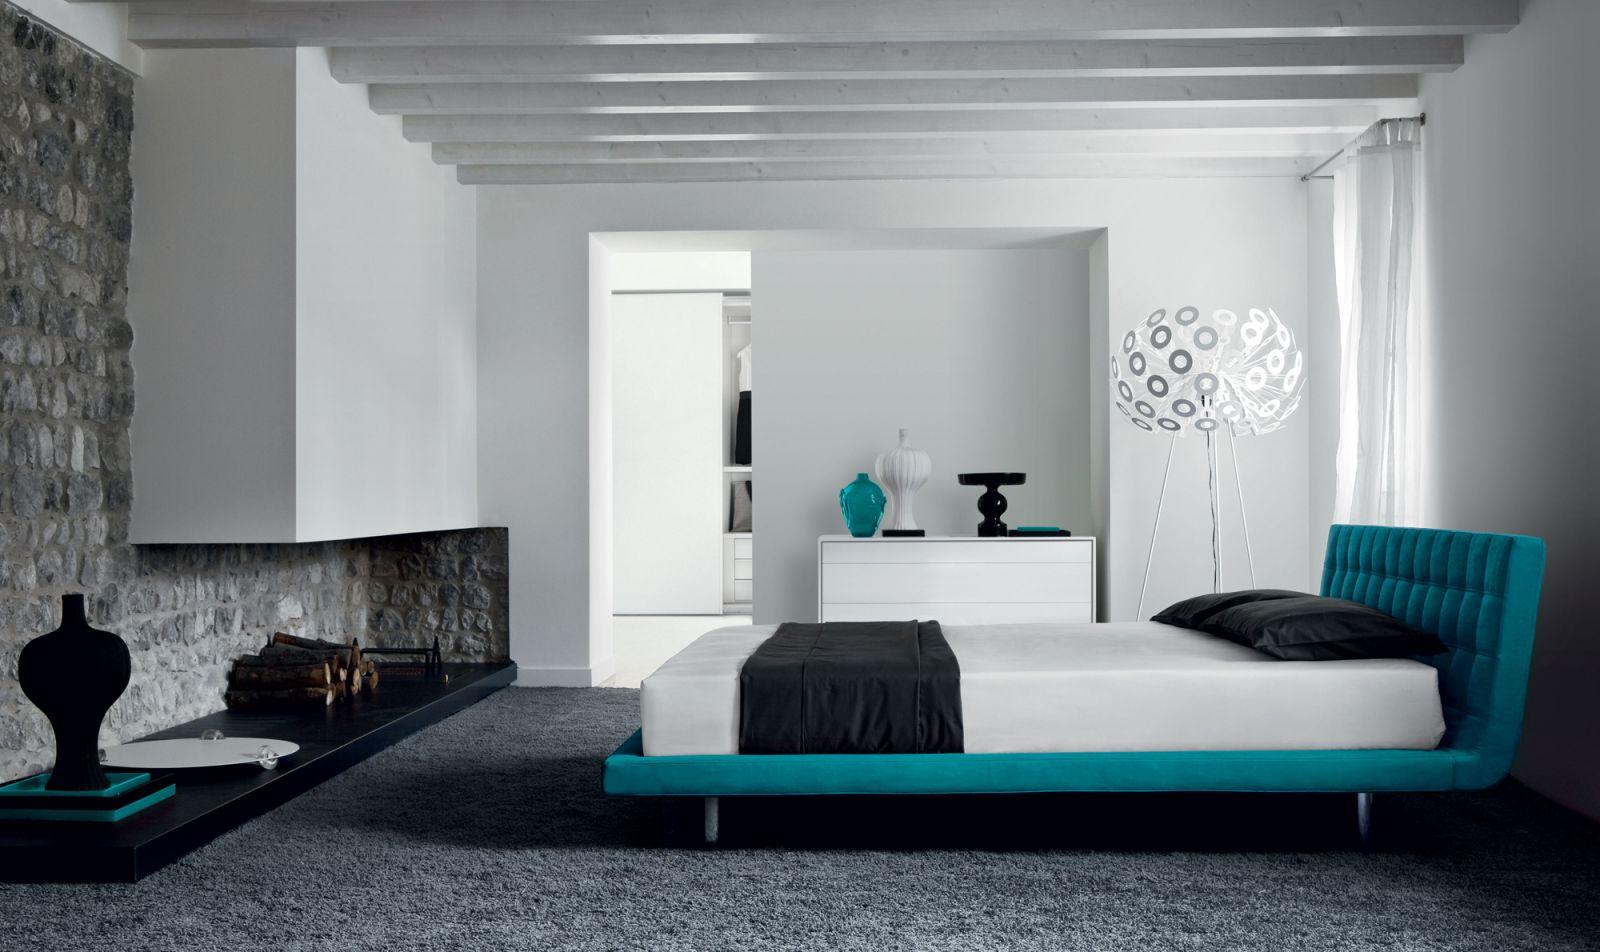 Camera Da Letto Blu Cobalto : Camera da letto blu cobalto: camera da letto blu cobalto u foto